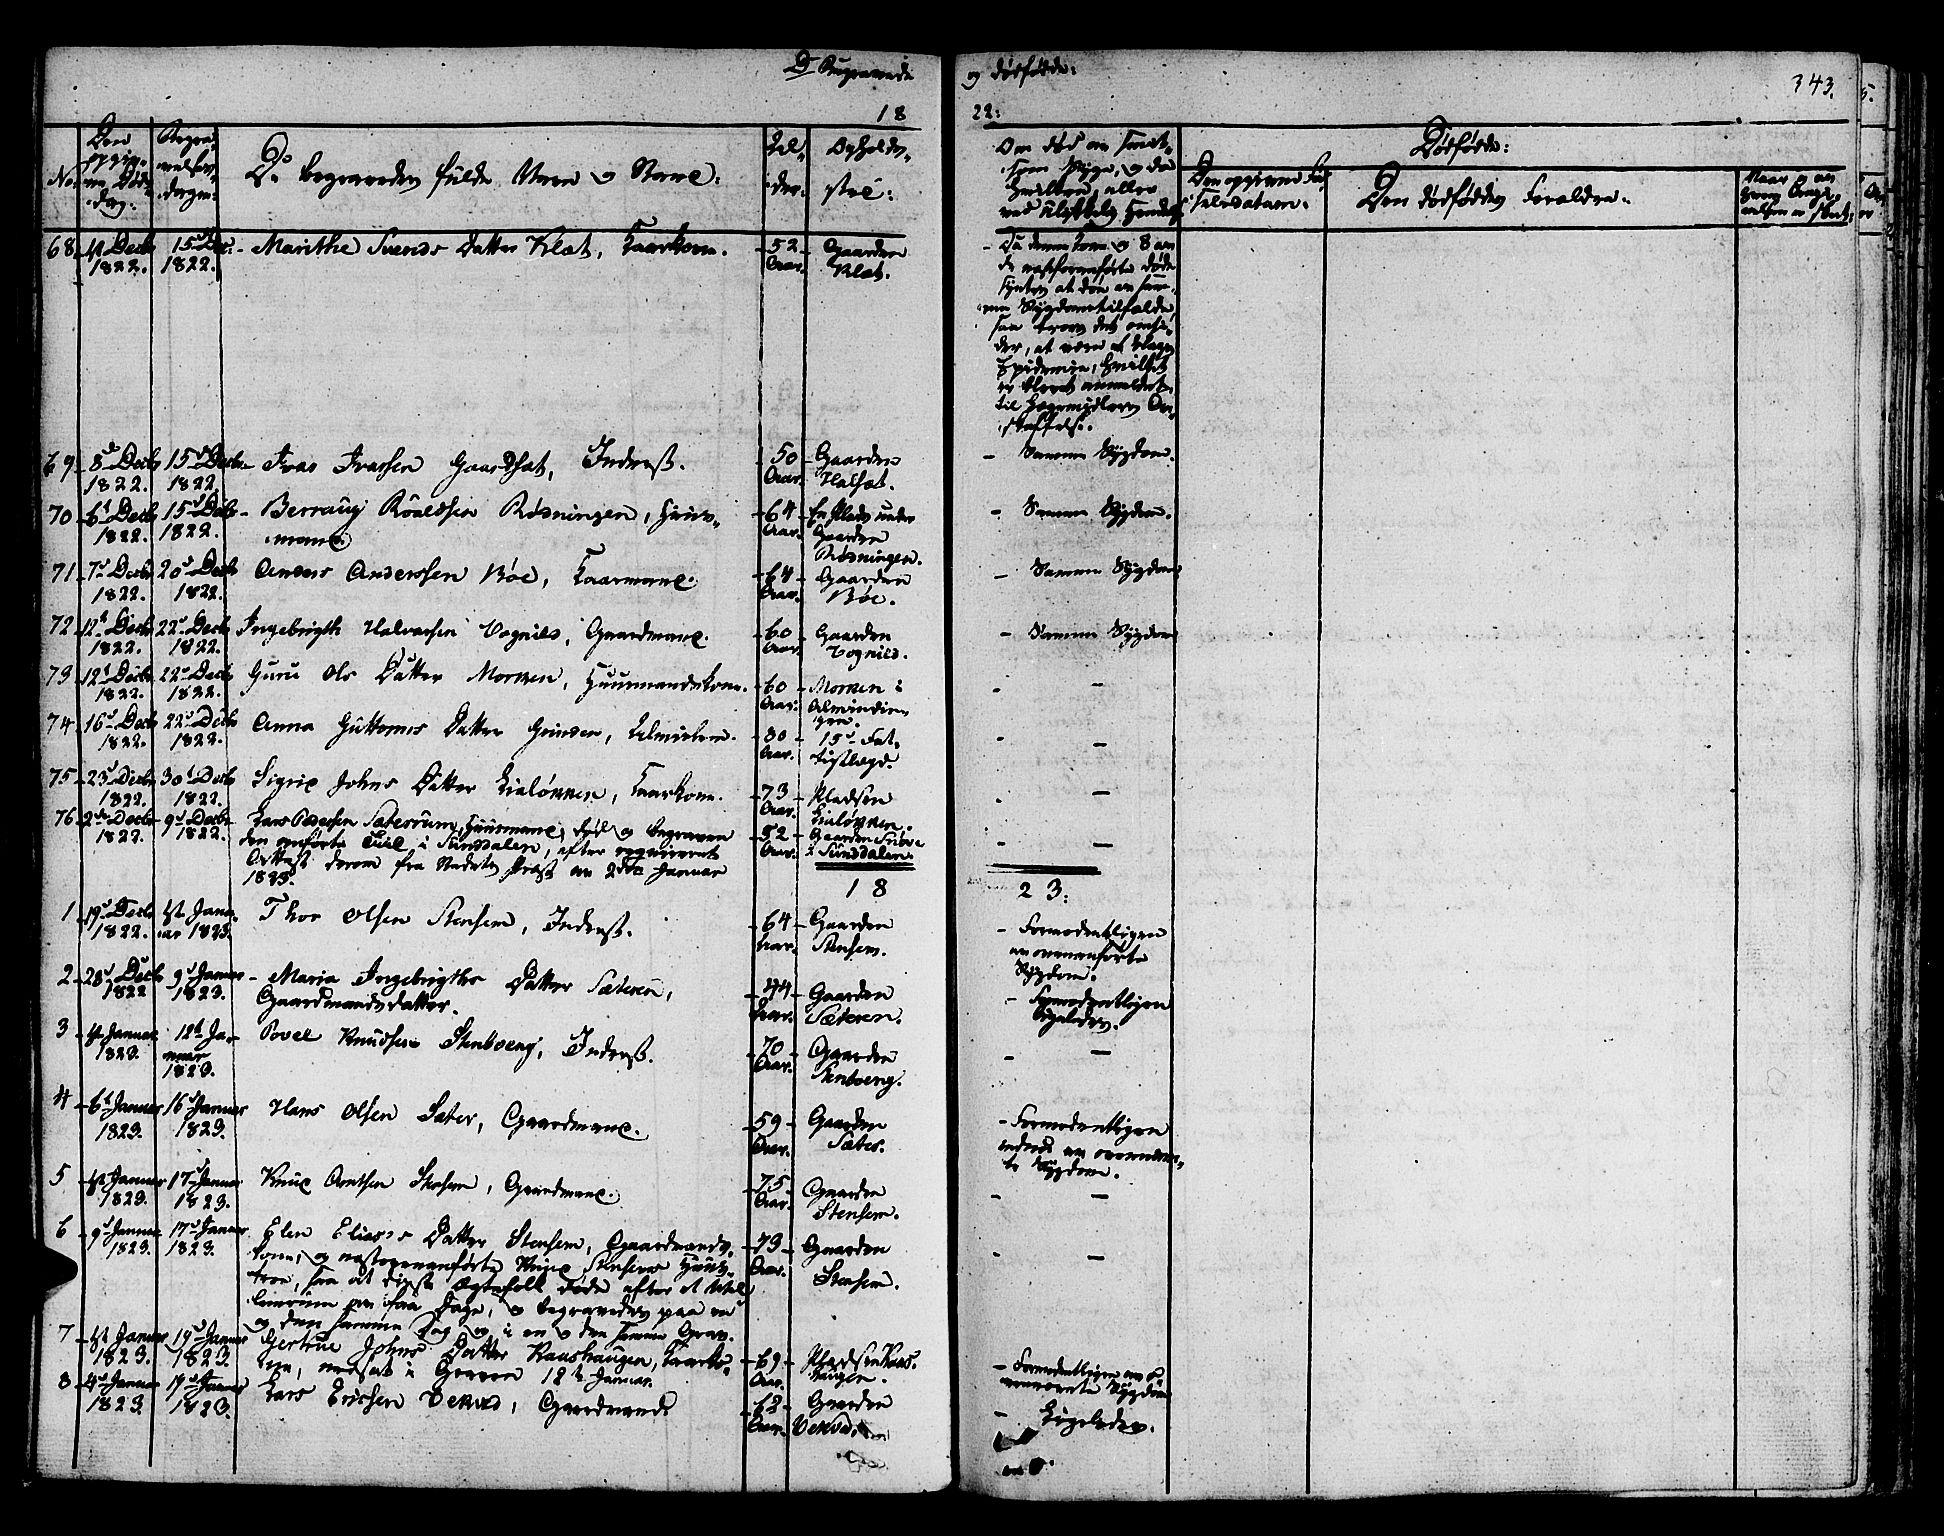 SAT, Ministerialprotokoller, klokkerbøker og fødselsregistre - Sør-Trøndelag, 678/L0897: Ministerialbok nr. 678A06-07, 1821-1847, s. 343